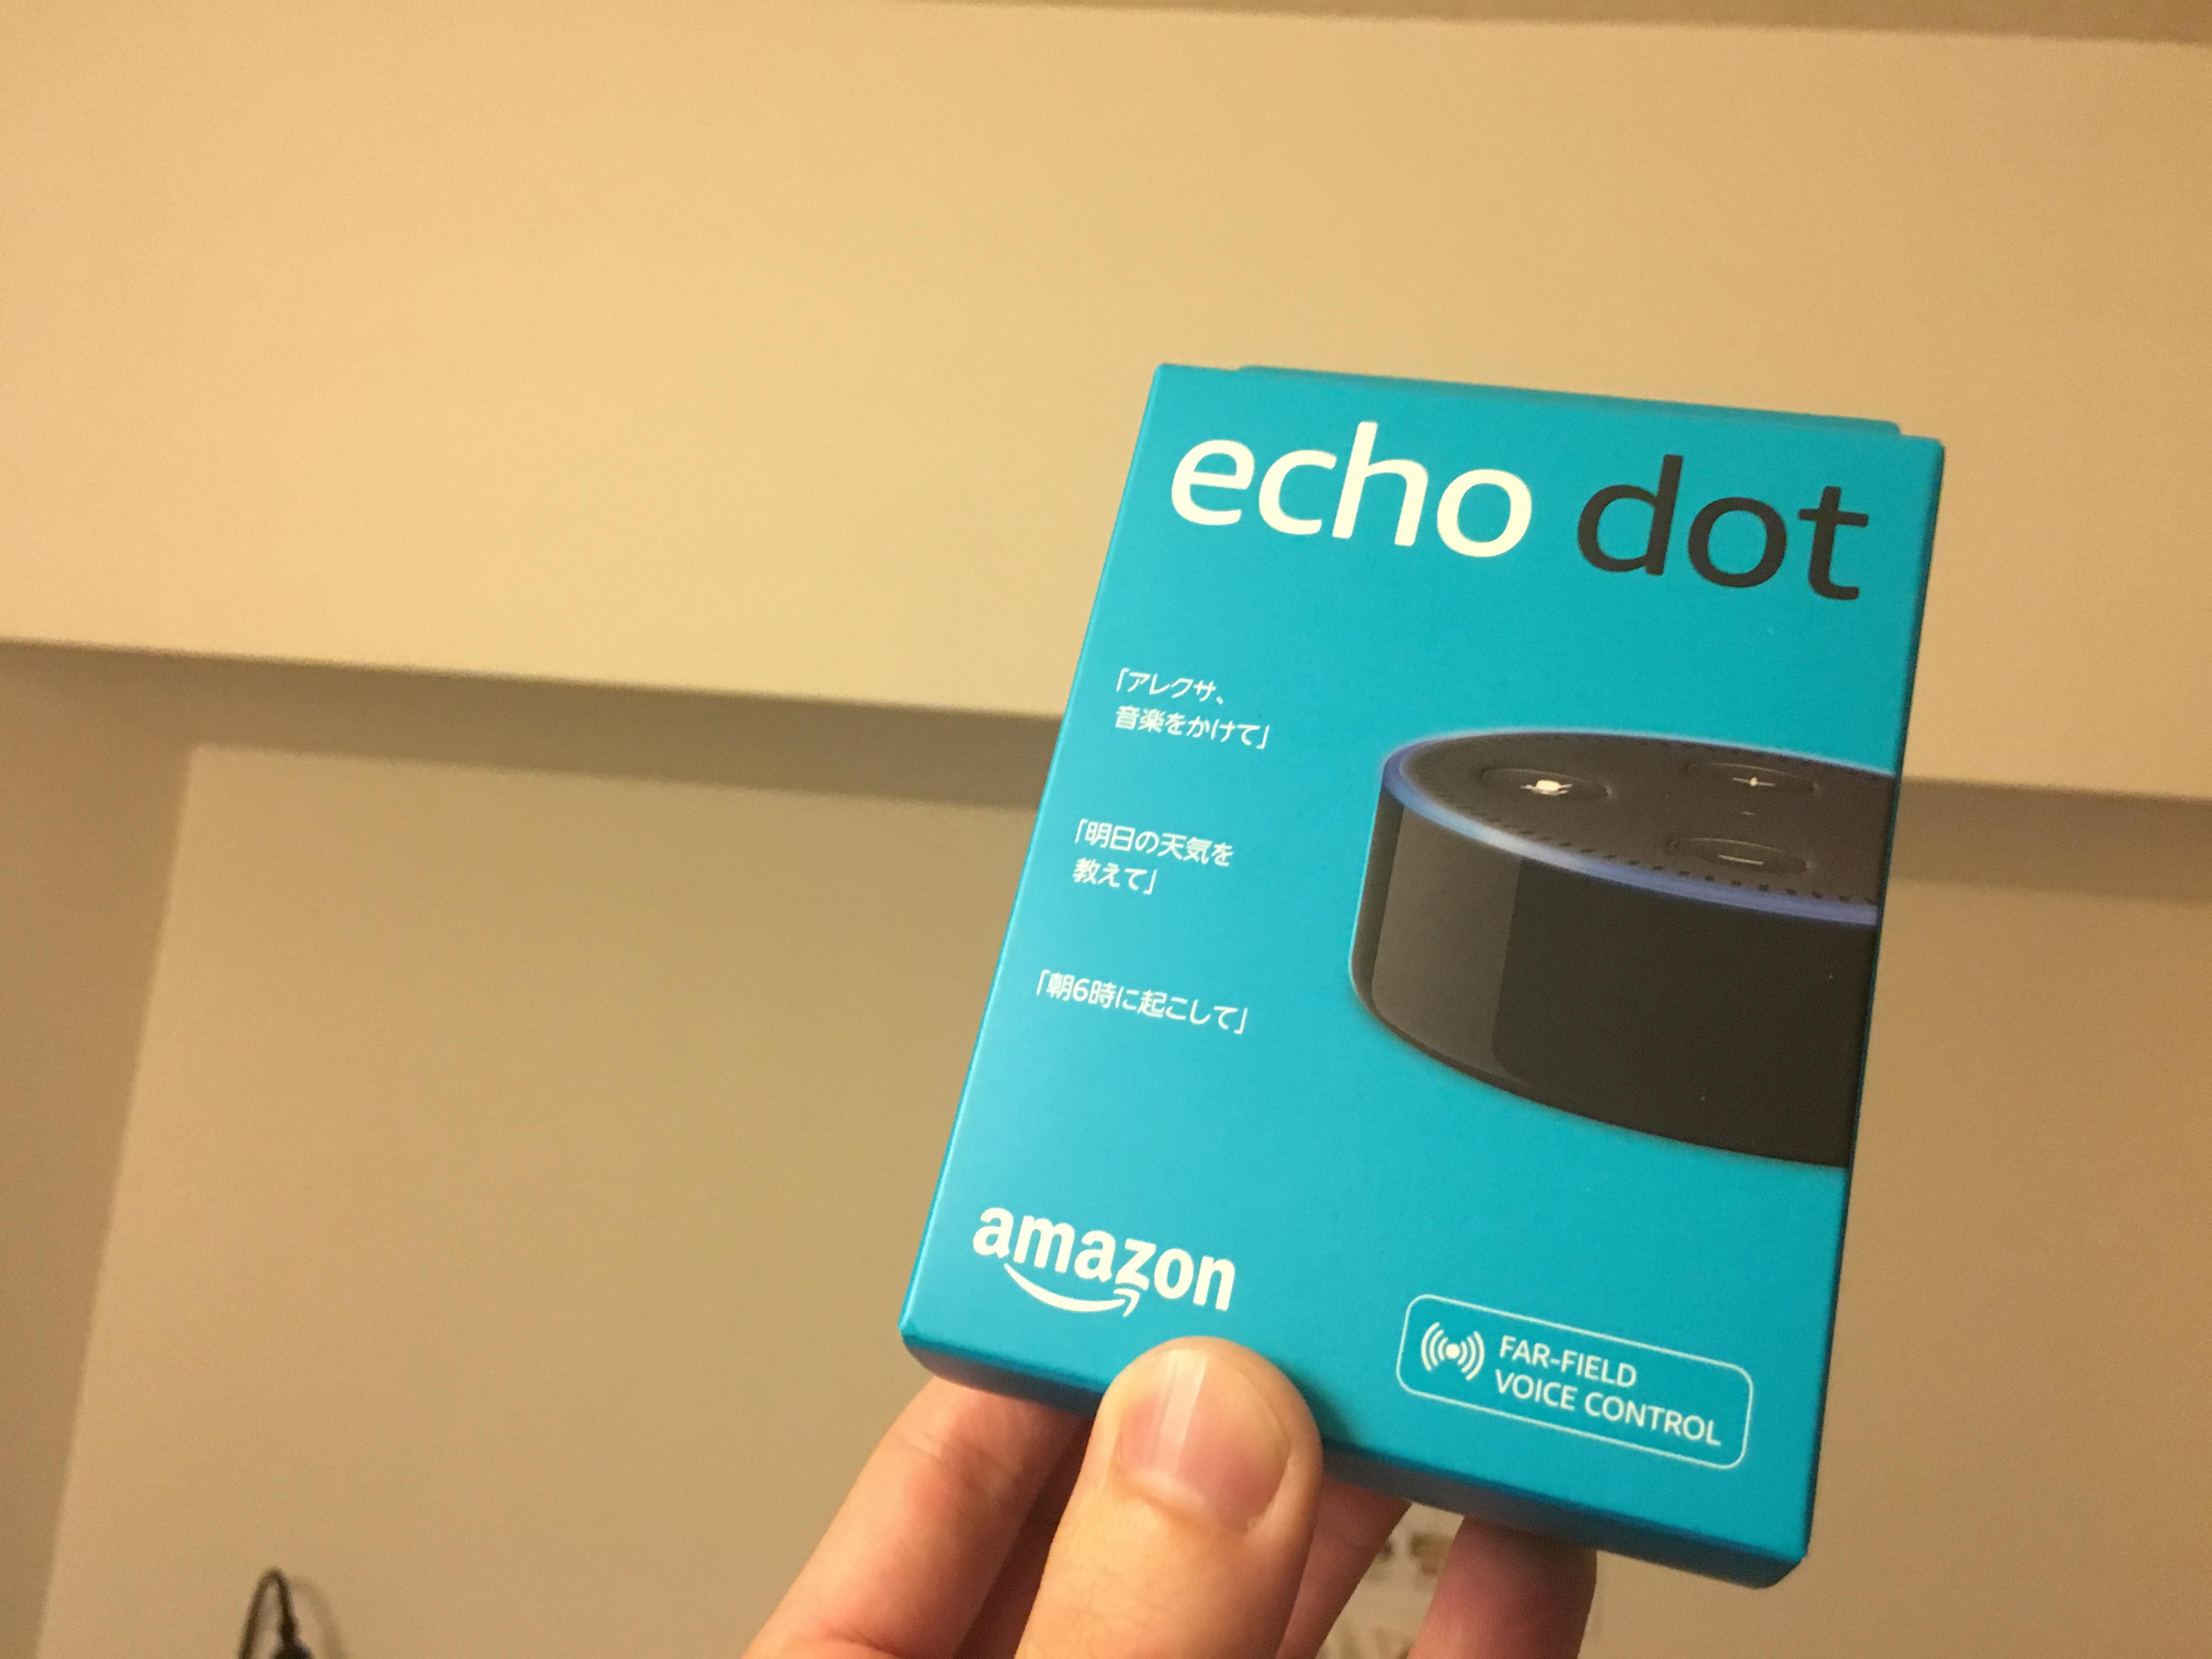 アレクサ・Amazon Echo dotの僕だけの変わった楽しみ方。